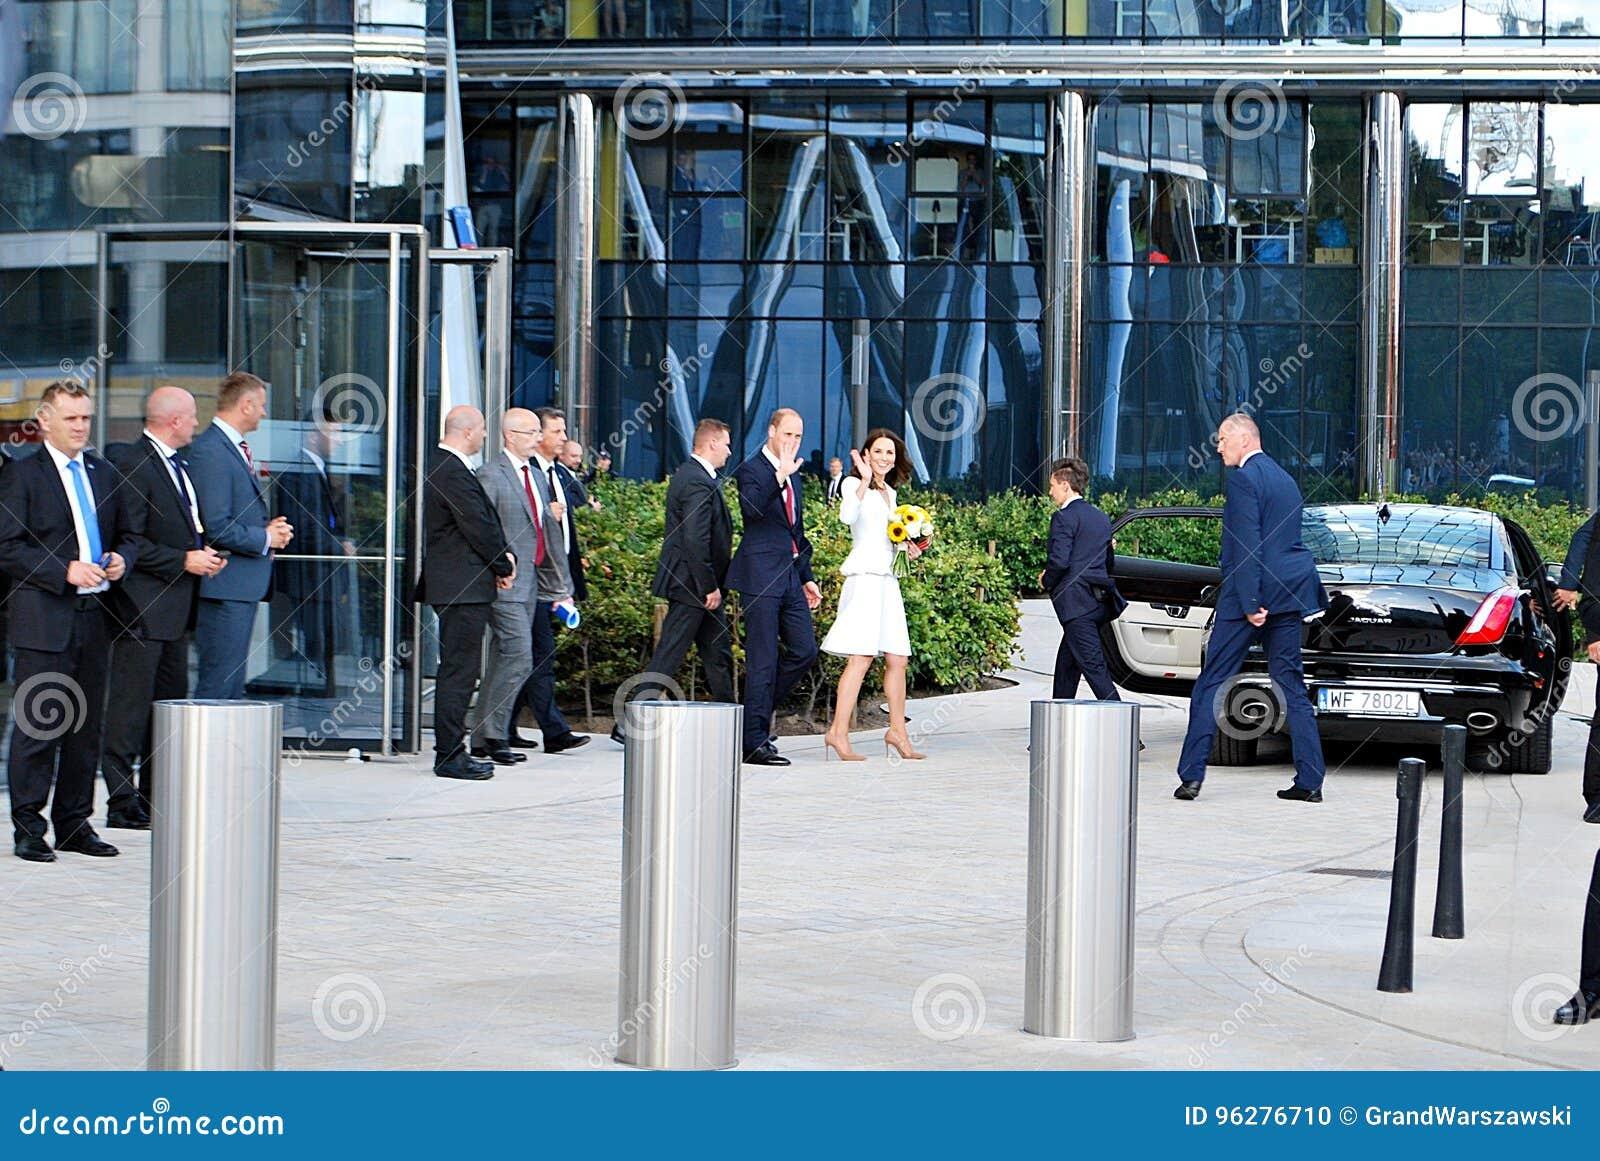 O cumprimento do príncipe William e da Kate Middleton aglomera-se em Varsóvia